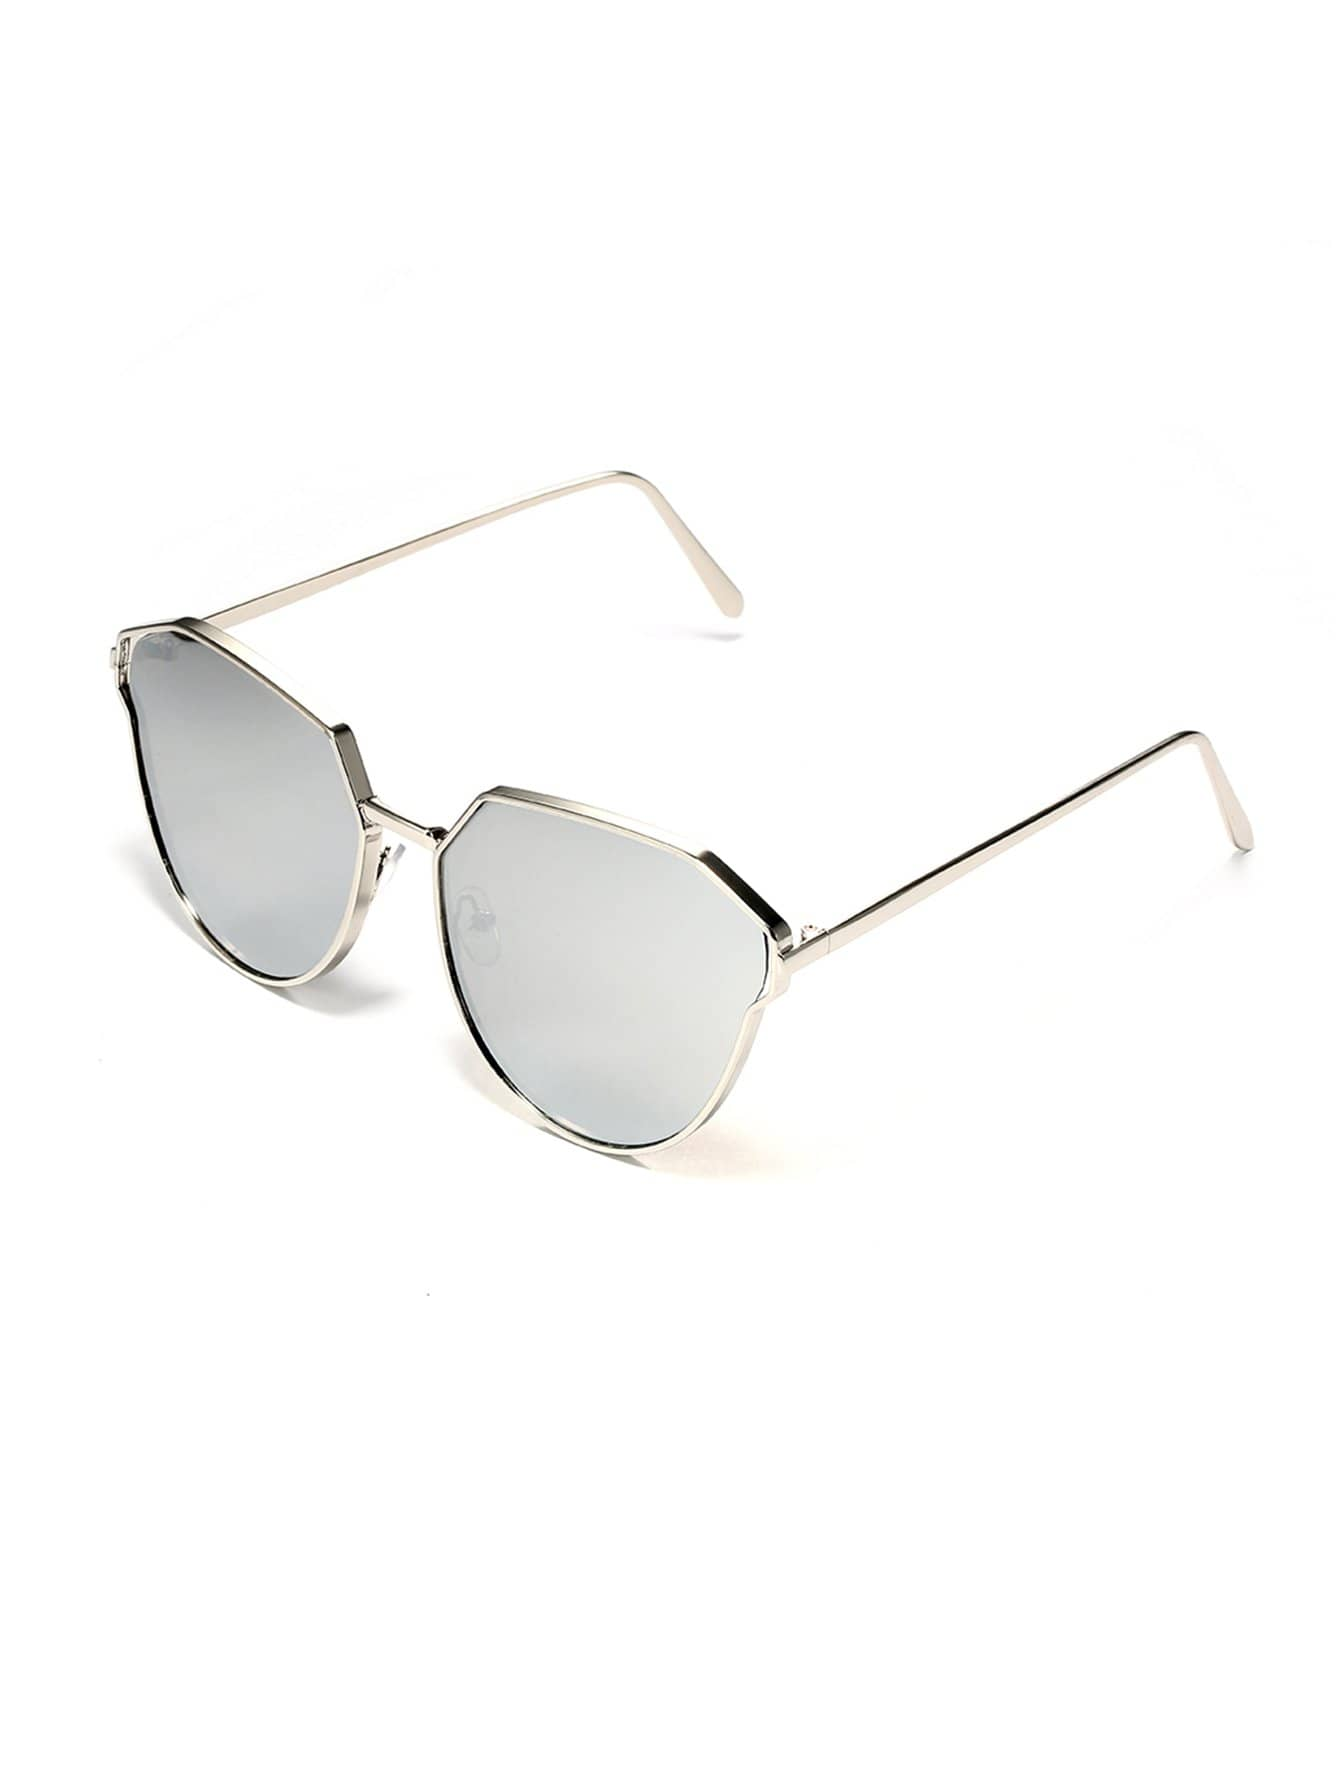 Sonnenbrille mit Metall Rahmen und irregulärer Linse- German romwe